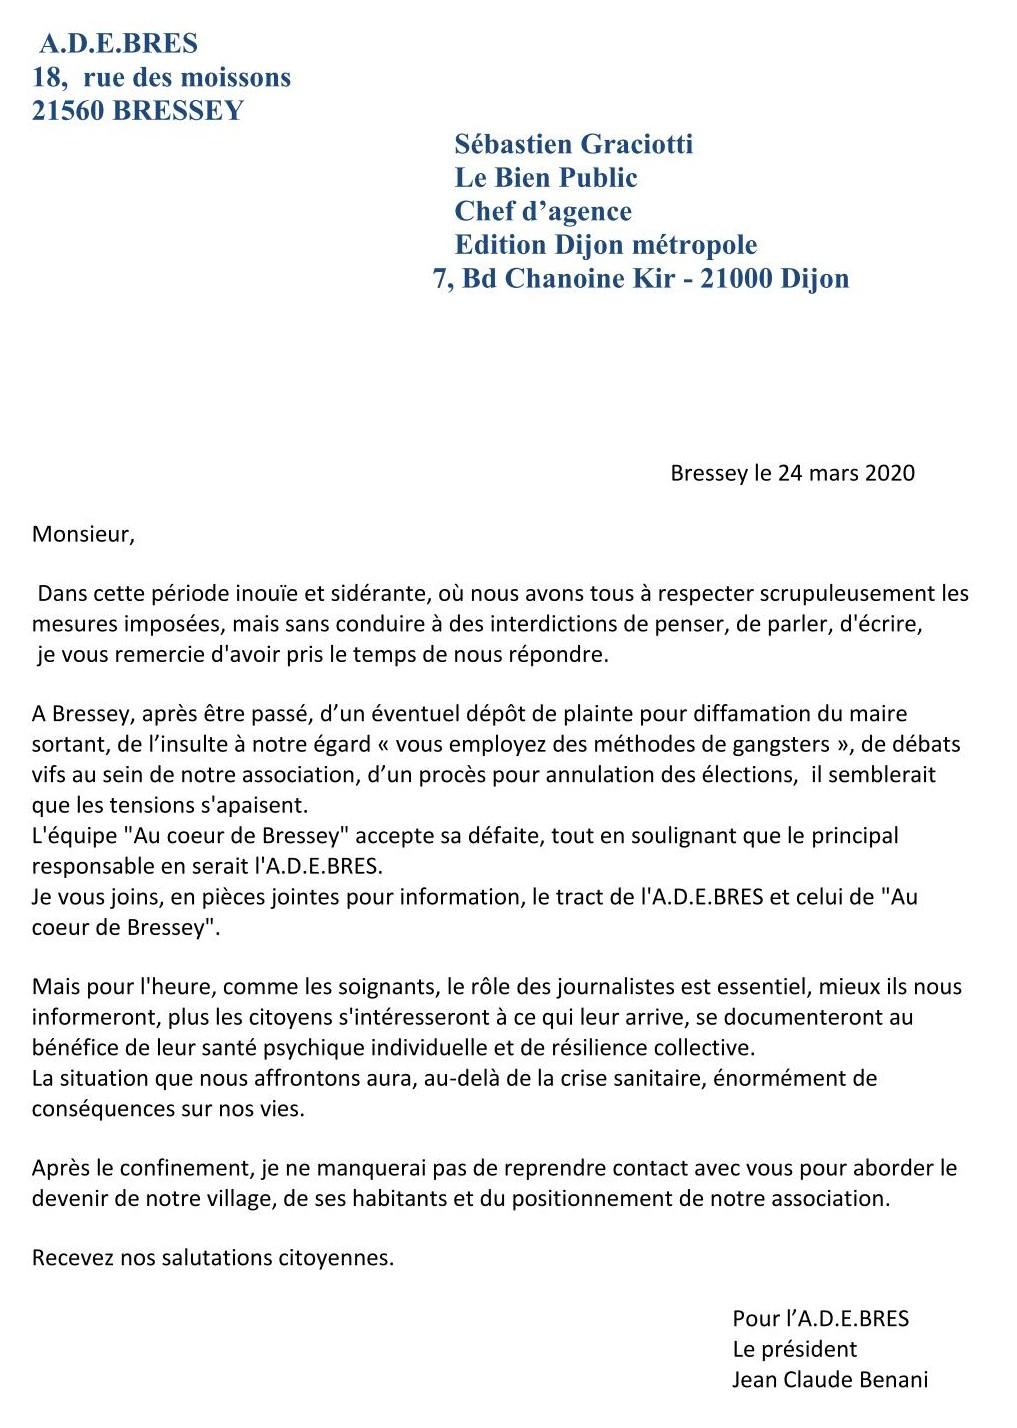 Mail du 25 mars réponse au LBP